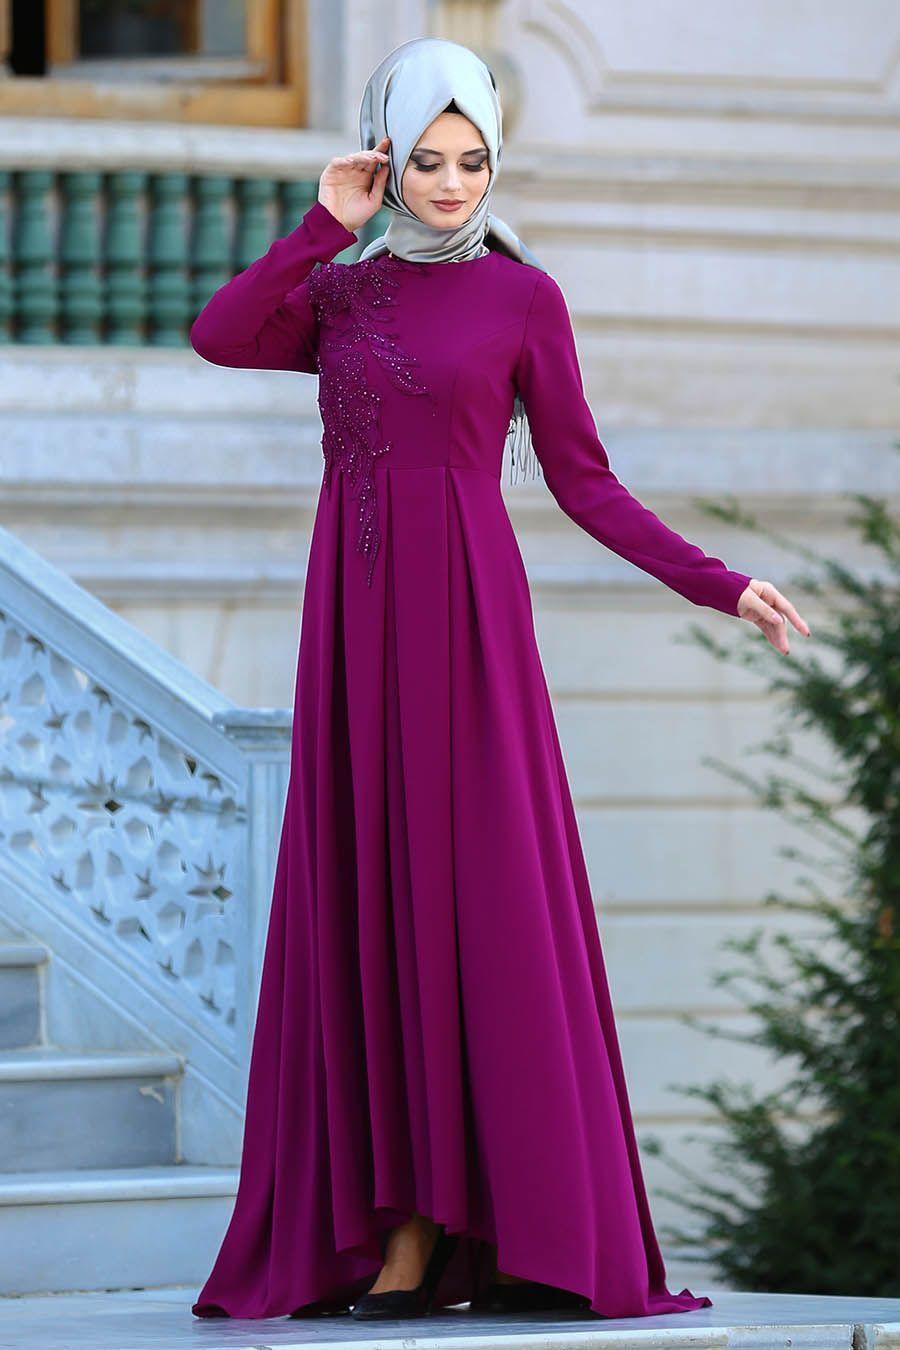 e54bceb7e304b Neva Style Tesettür Pileli Abiye Elbise Modelleri - Moda Tesettür Giyim